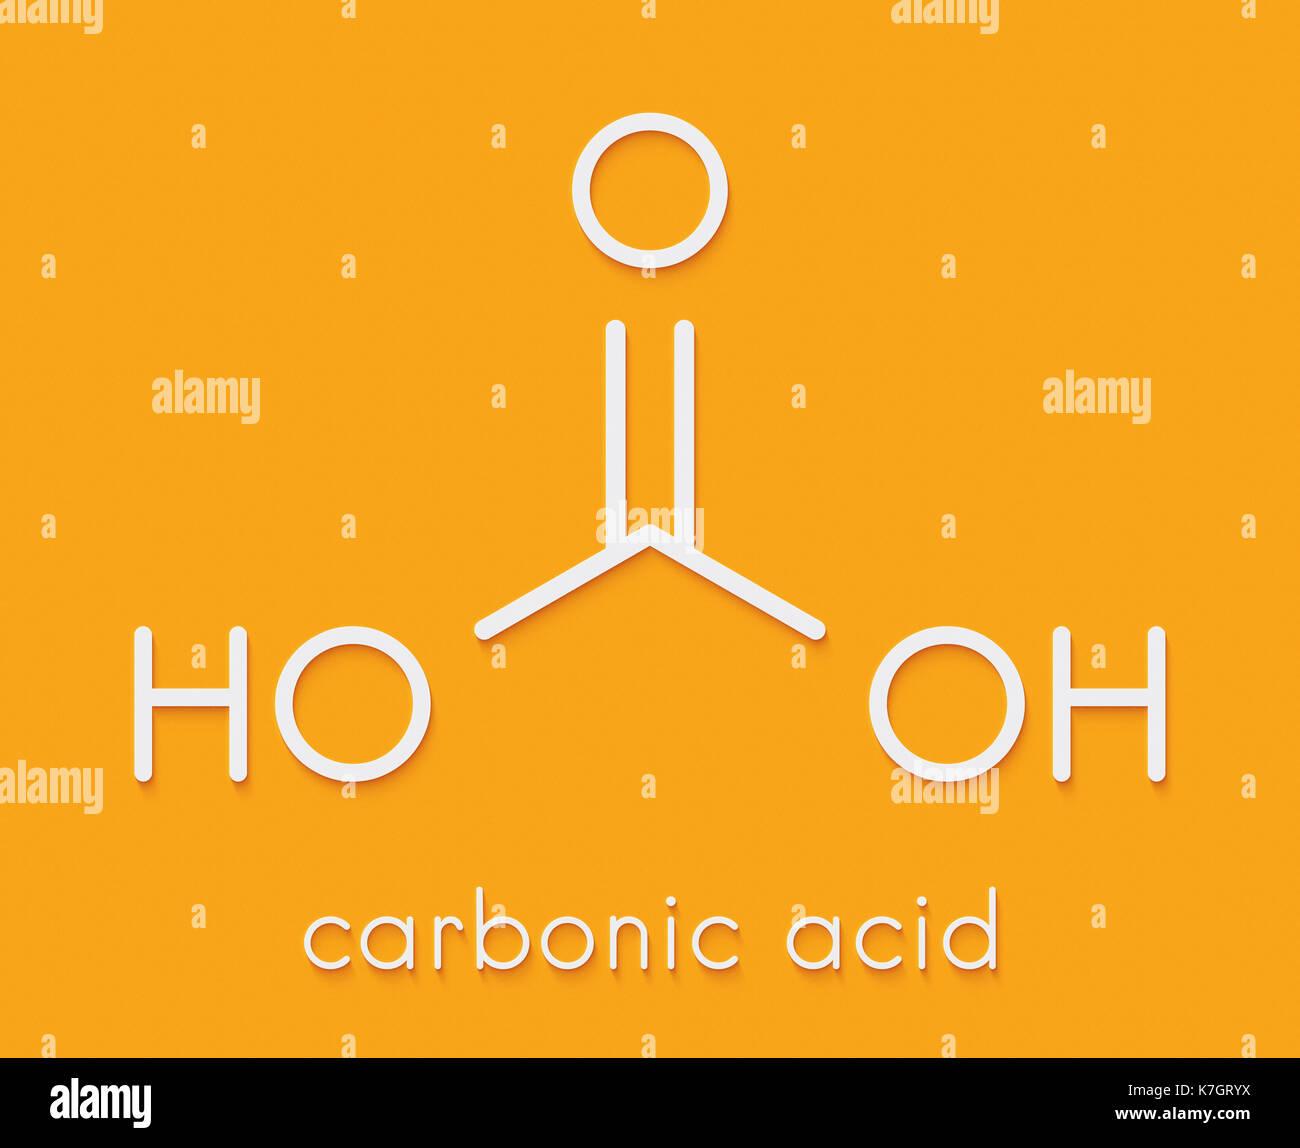 Acido carbonico molecola. formato quando il biossido di carbonio viene sciolto in acqua (acqua gassata). formula scheletrico. Immagini Stock